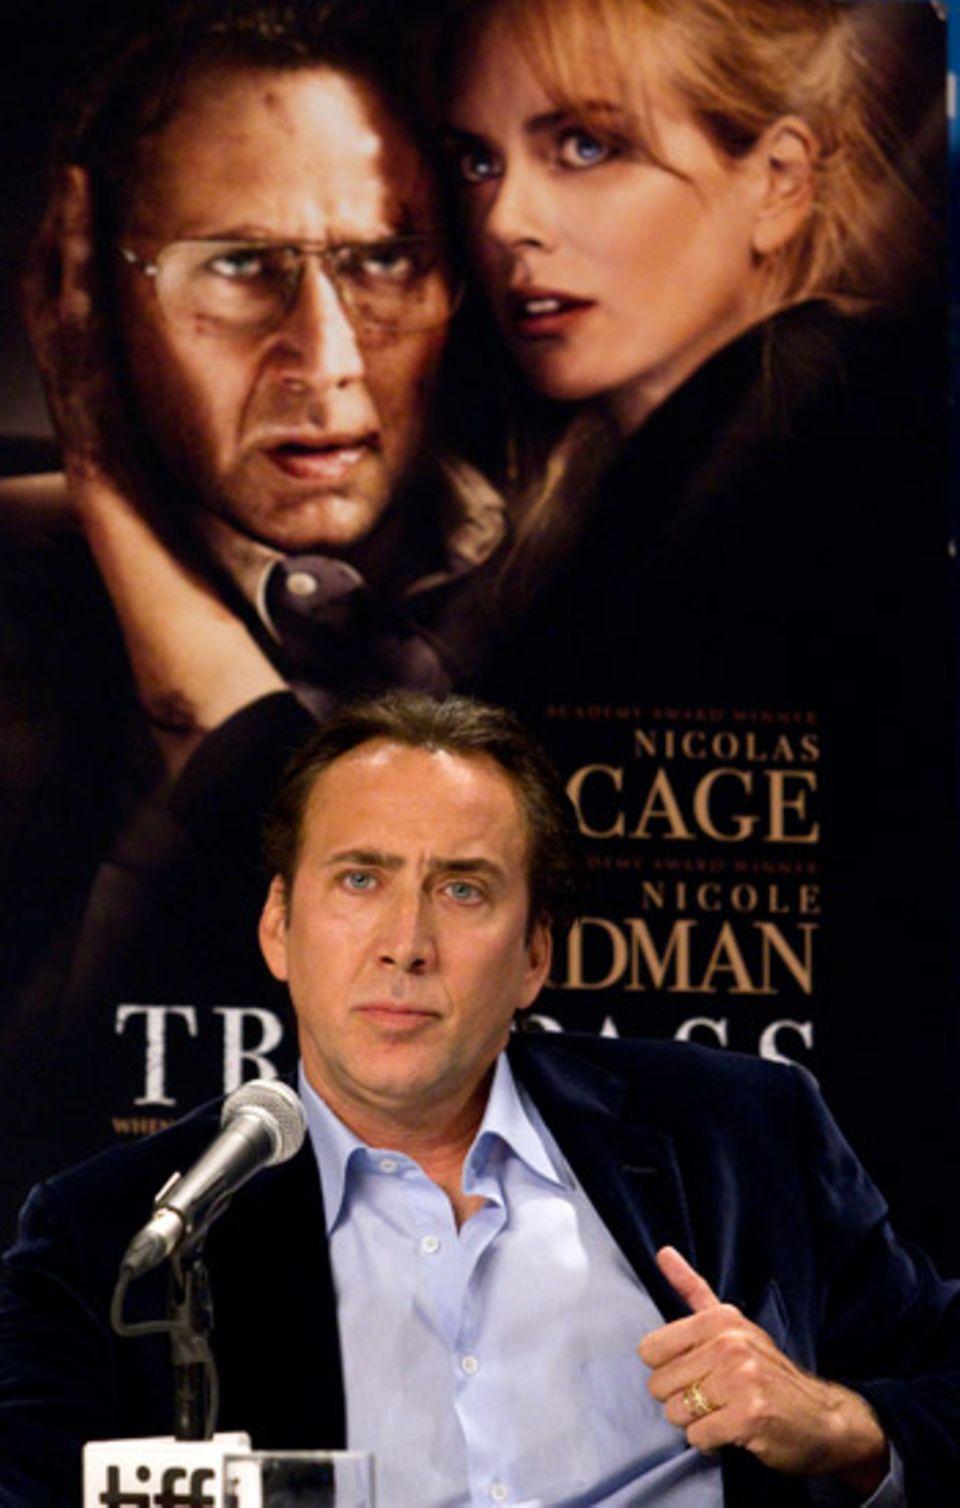 """Nicolas Cage steht zu dem Film """"Trespass"""" auf der Pressekonferenz Rede und Antwort."""